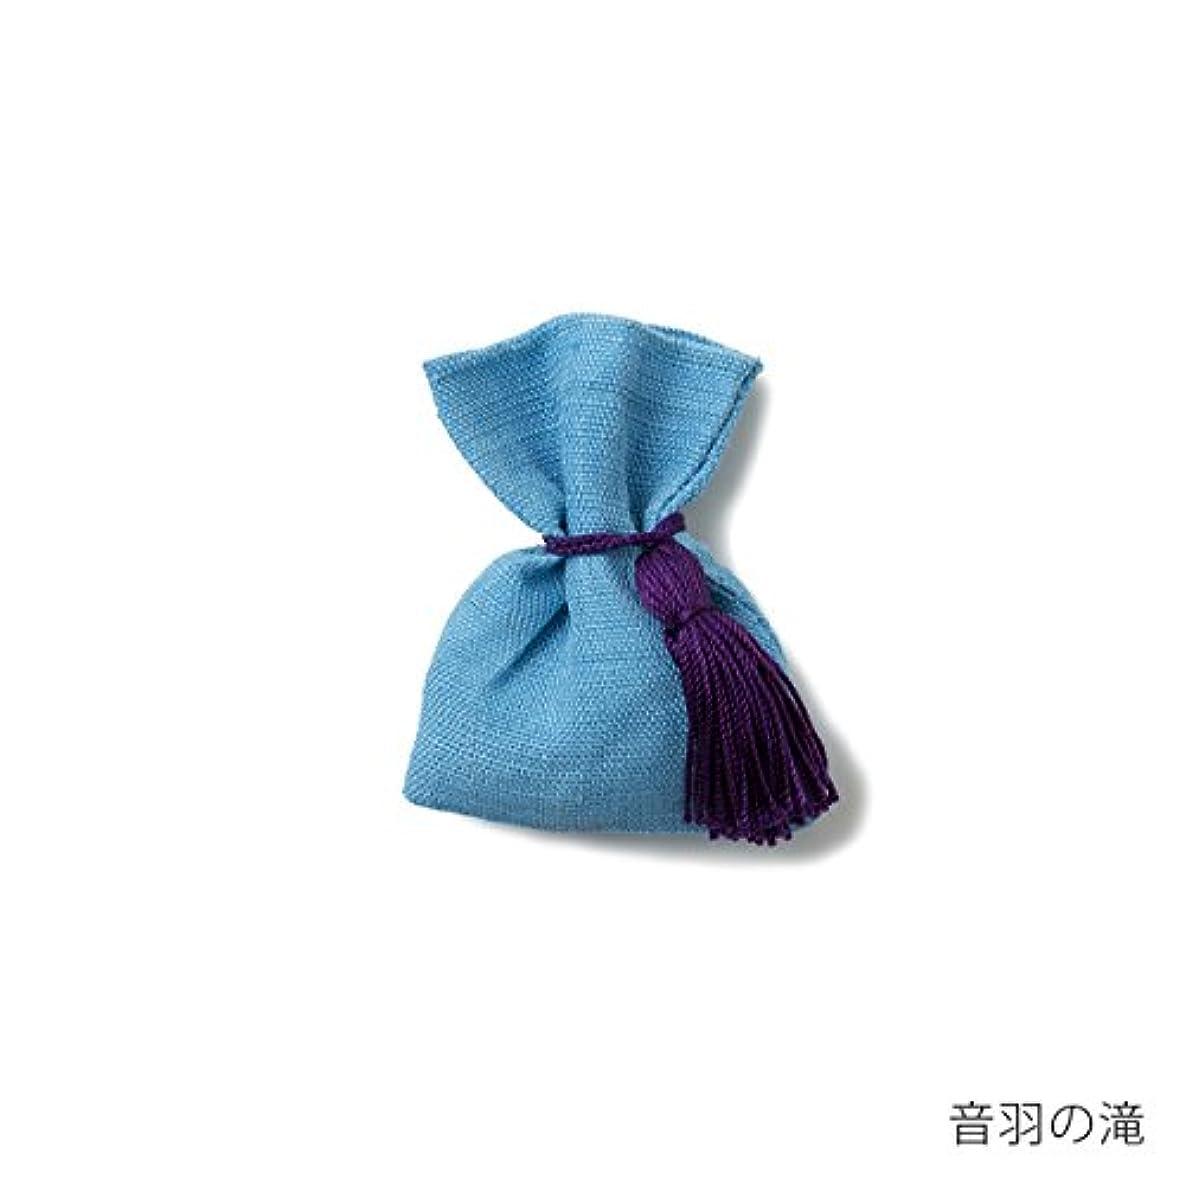 ロンドン思い出させる看板【薫玉堂】 京の香り 香袋 音羽の滝